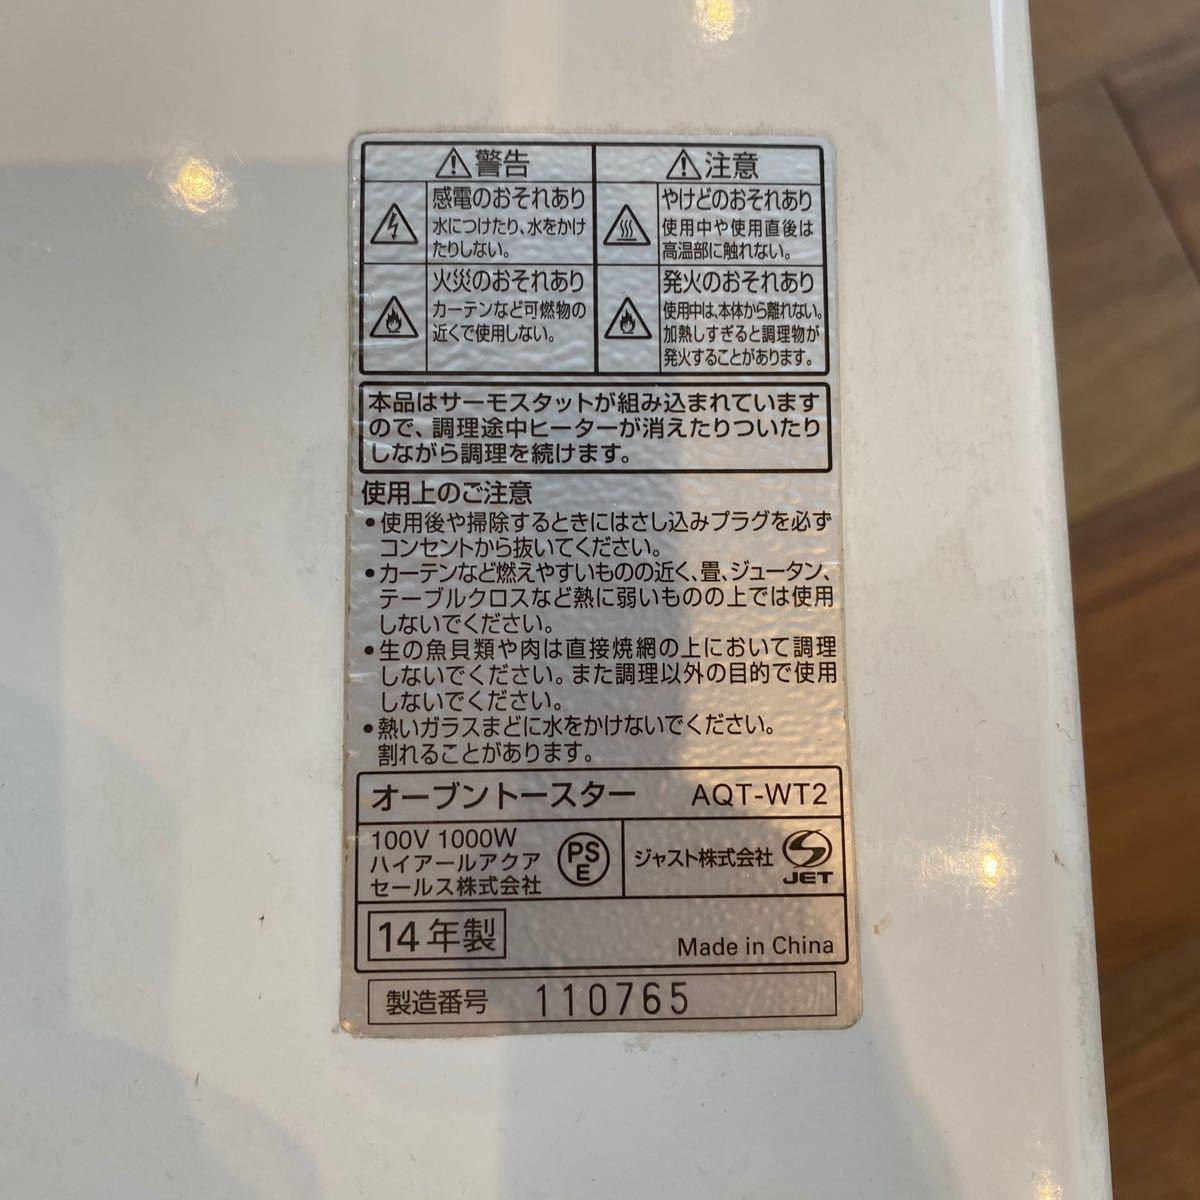 アクア オーブントースター 縦型 ホワイト